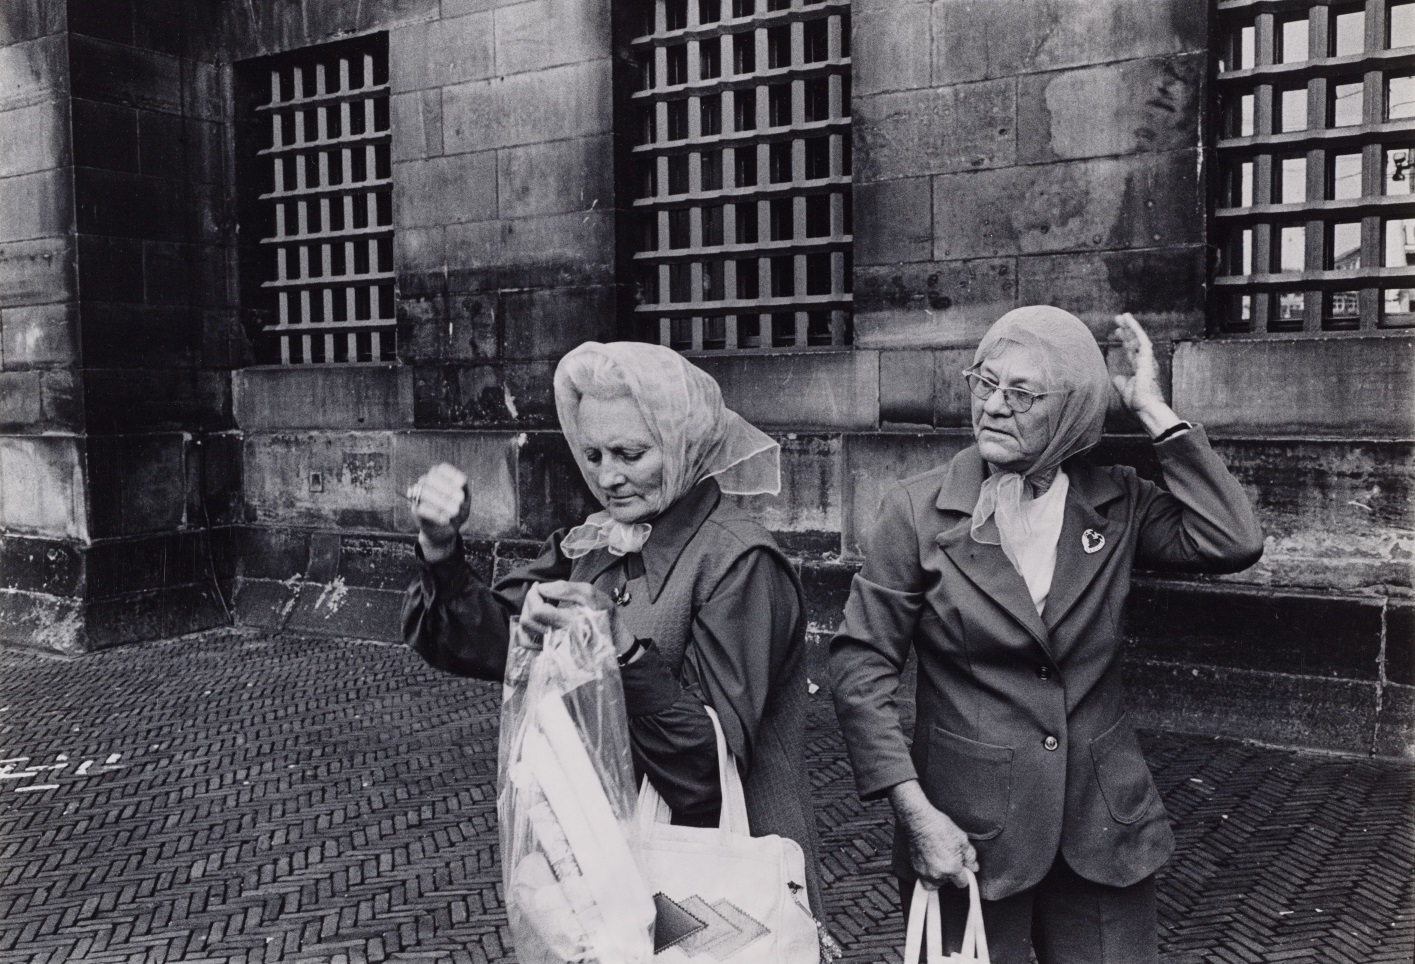 Foto:Dolf Toussaint - Twee vrouwen op de Dam voor het Koninklijk Paleis, 1971-1972.